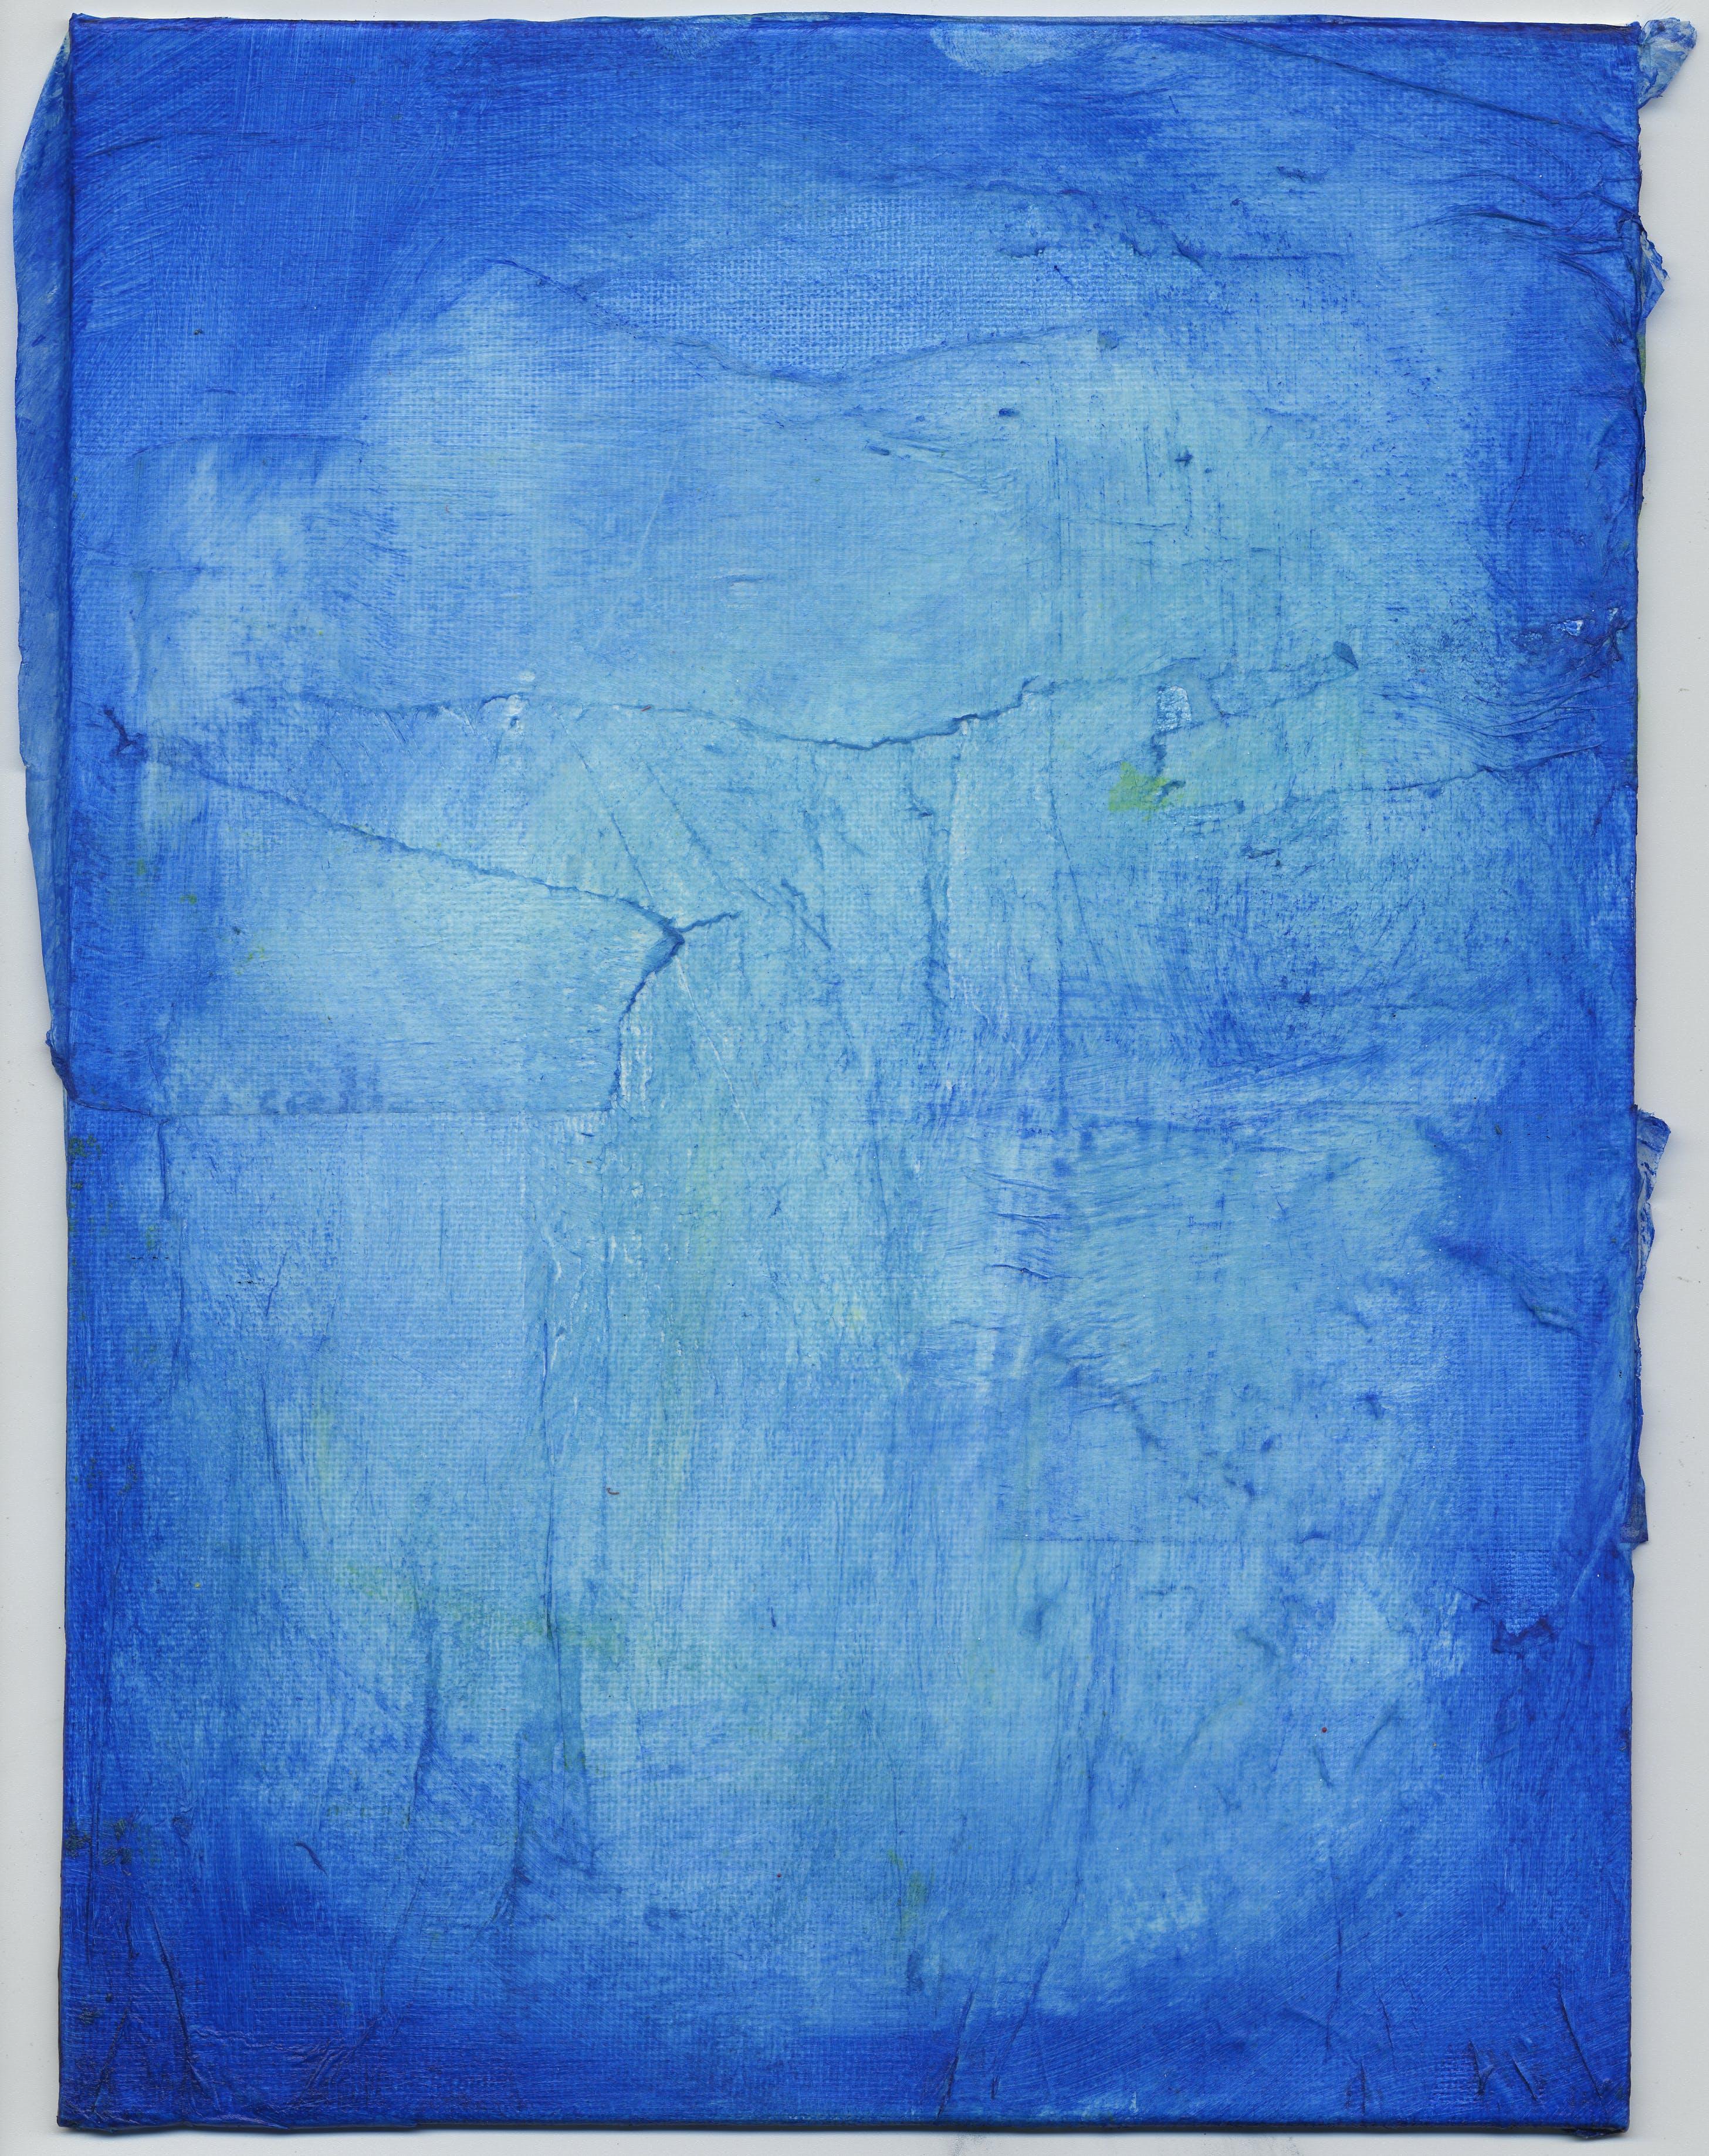 Gratis stockfoto met beschilderd doek, blauw canvas, blauwe verf, canvas